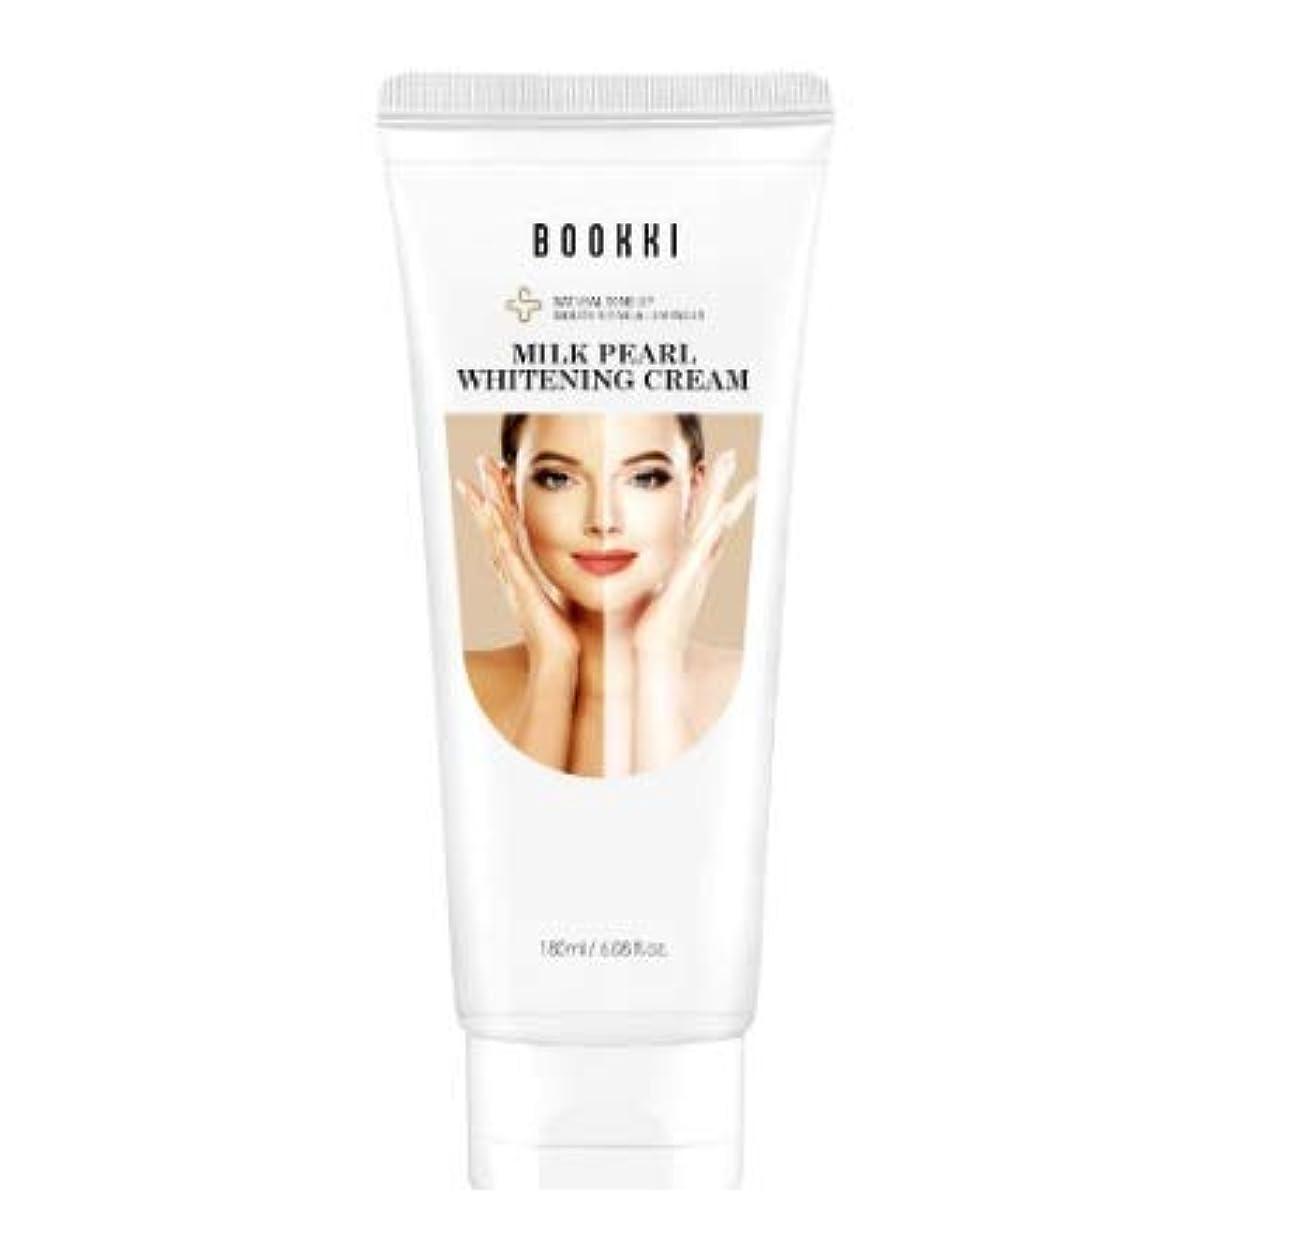 インゲン広まった定規ミルク·パール·ホワイトニング·クリーム (180ml) 美白 美顔 美容 ホワイトニング